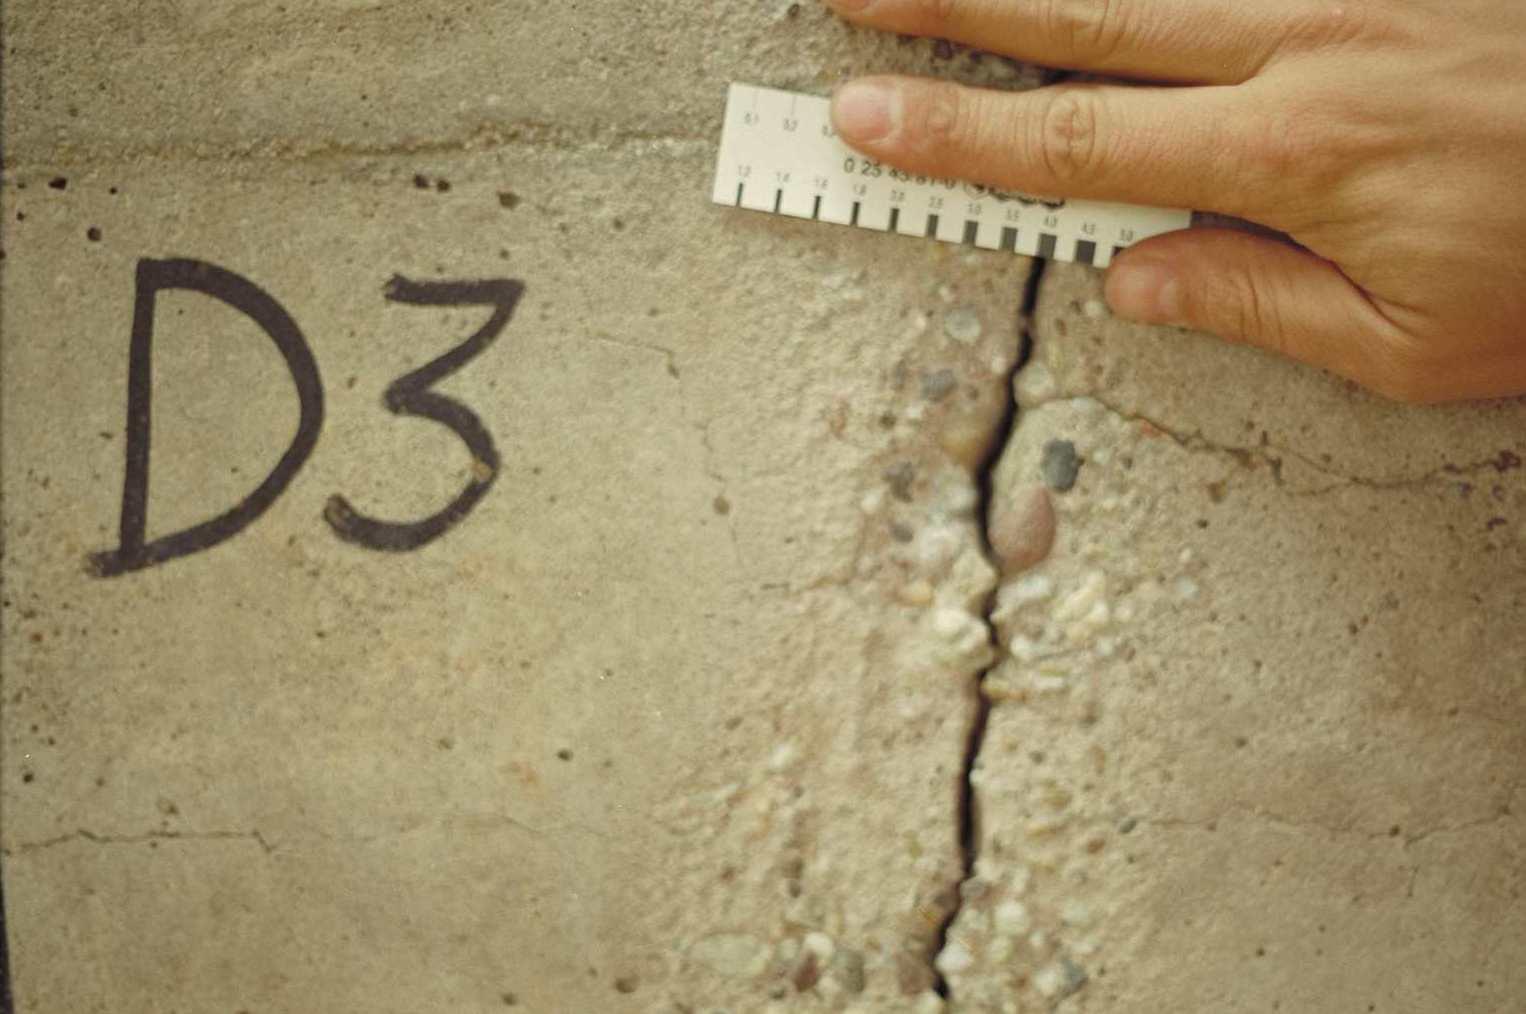 Foto 29 de Impermeabilizaciones con y sin obra en Pulianas | Cebrián Impermeabilizaciones y Aislamientos